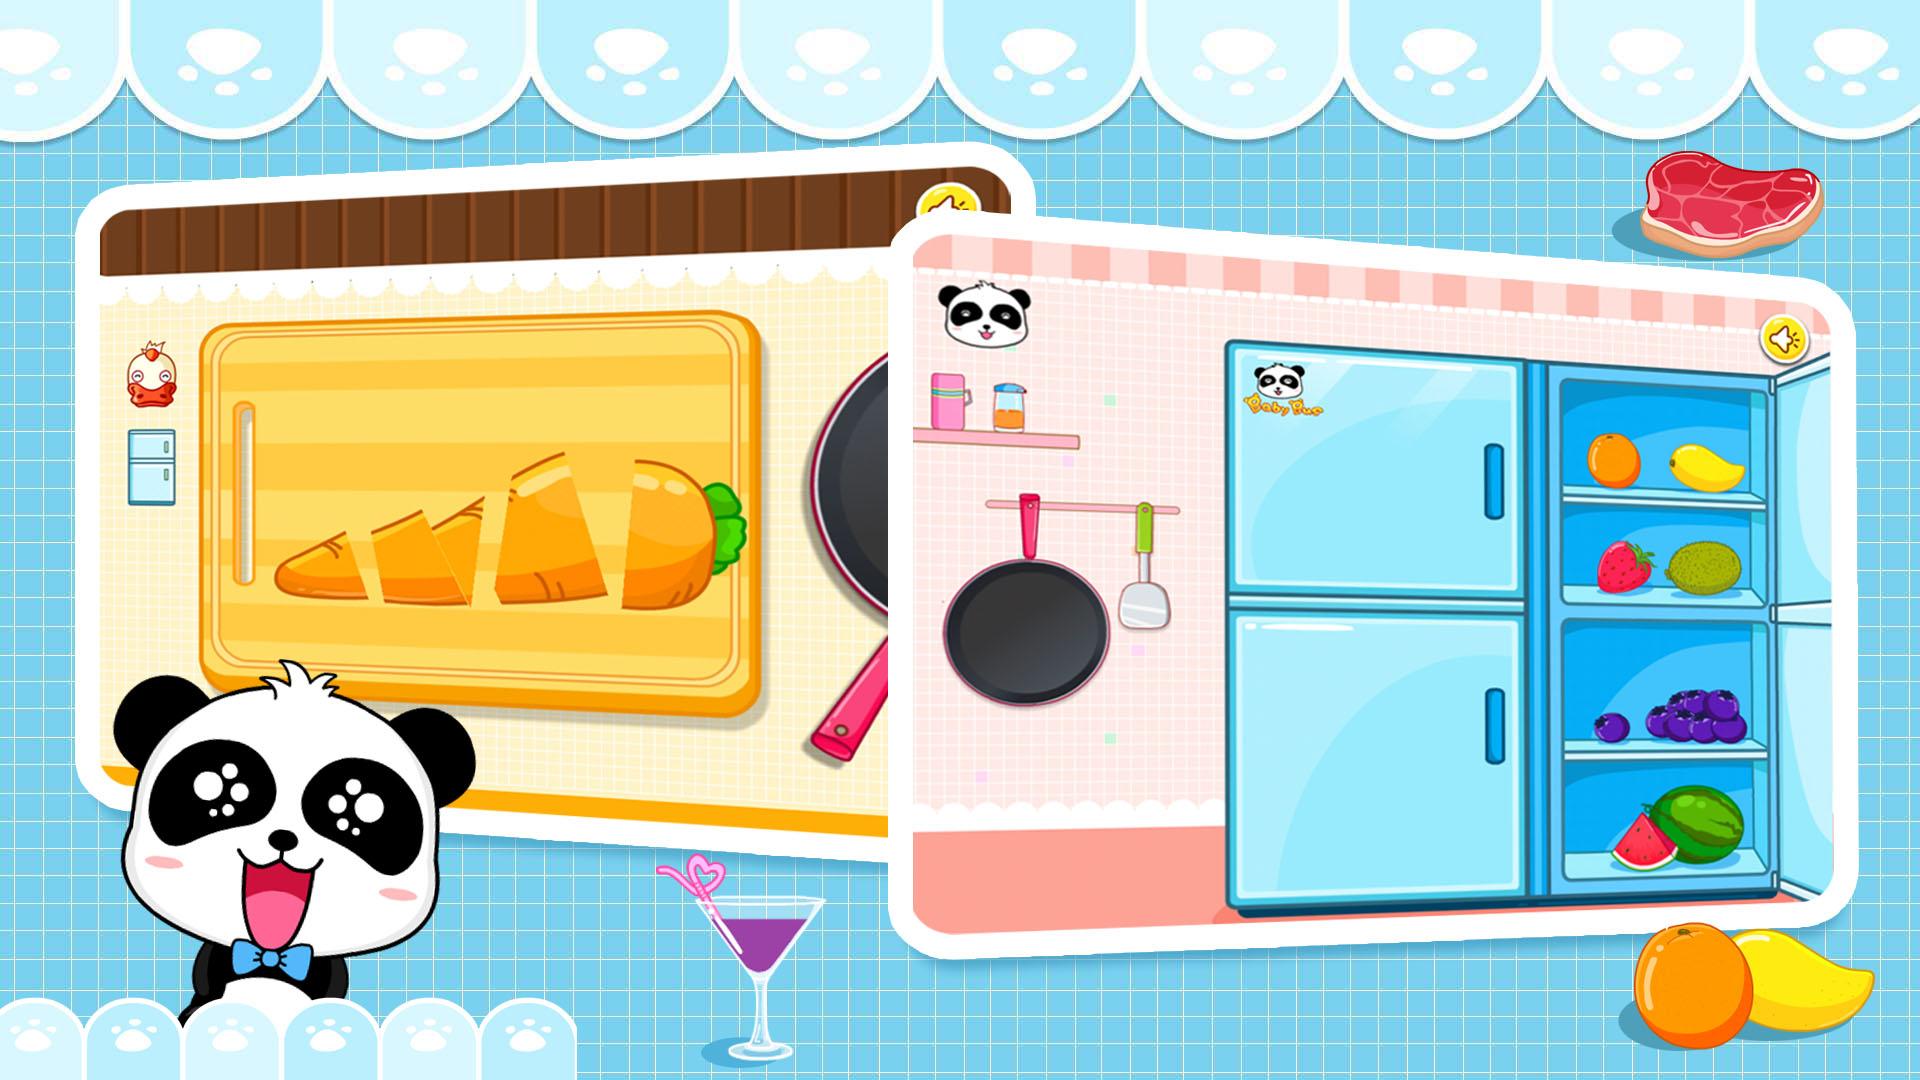 小厨房-宝宝巴士图片